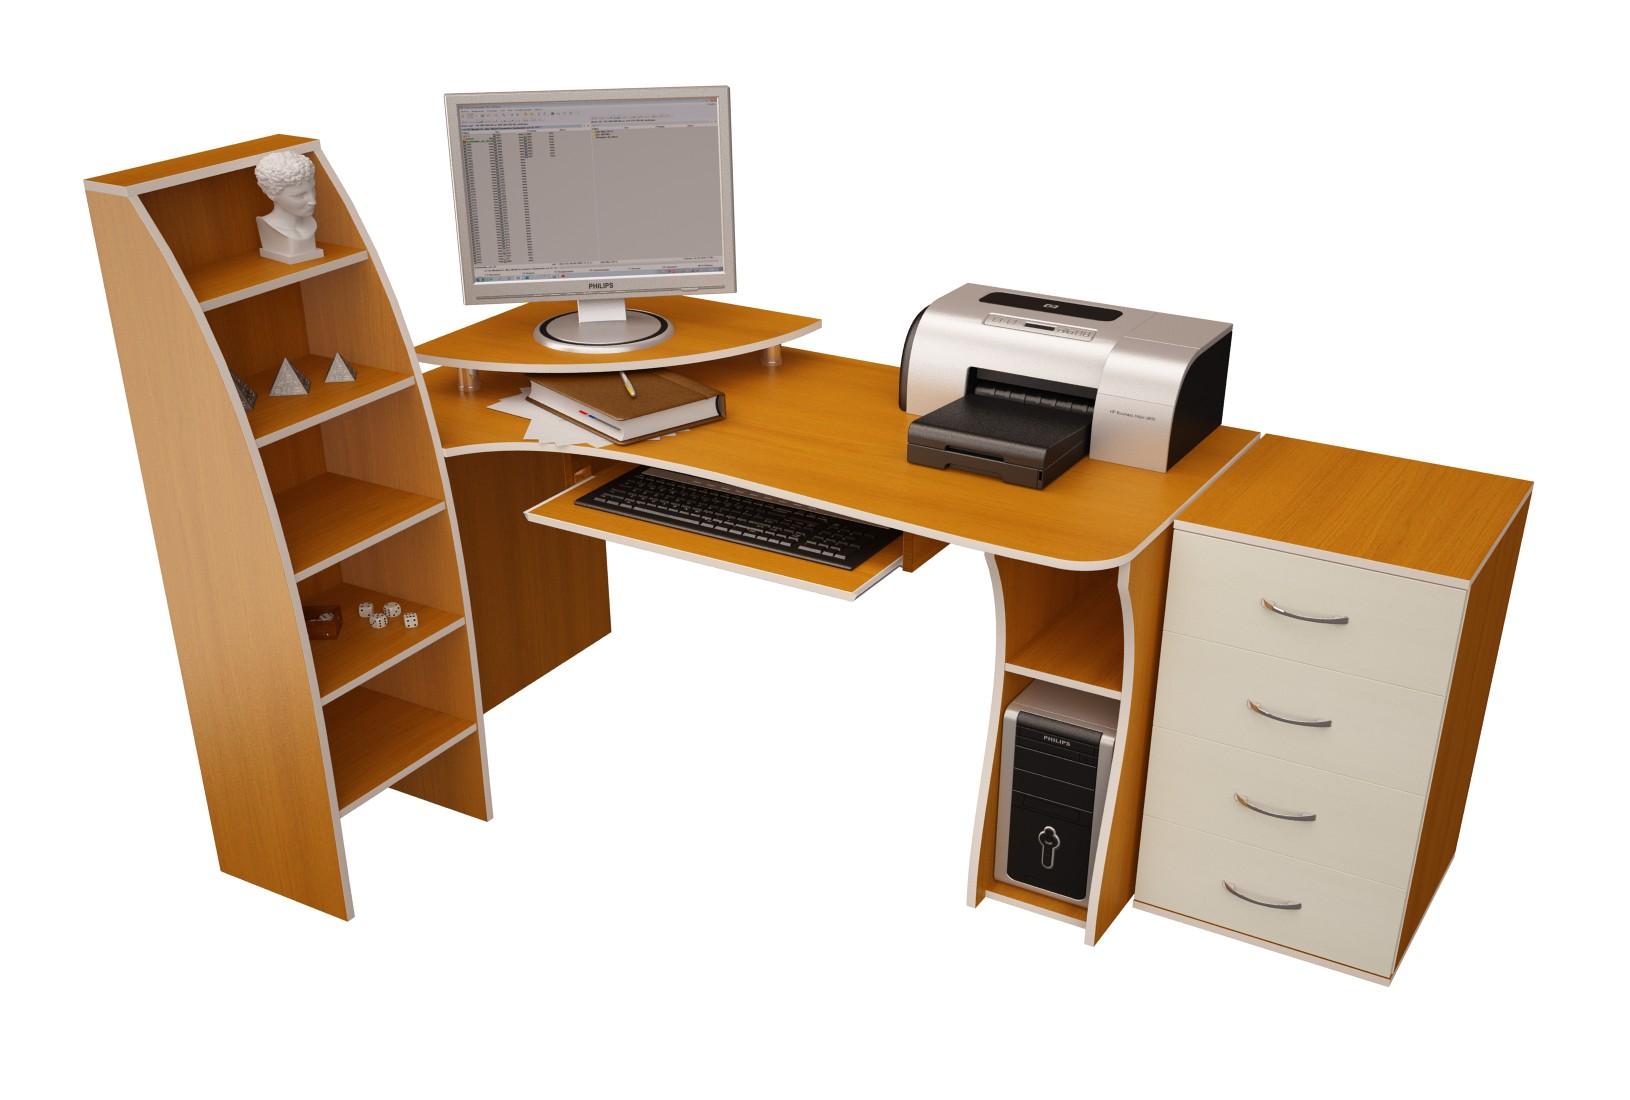 Компьютерный стол - ника 55 ваша хата. ваш интернет-магазин.